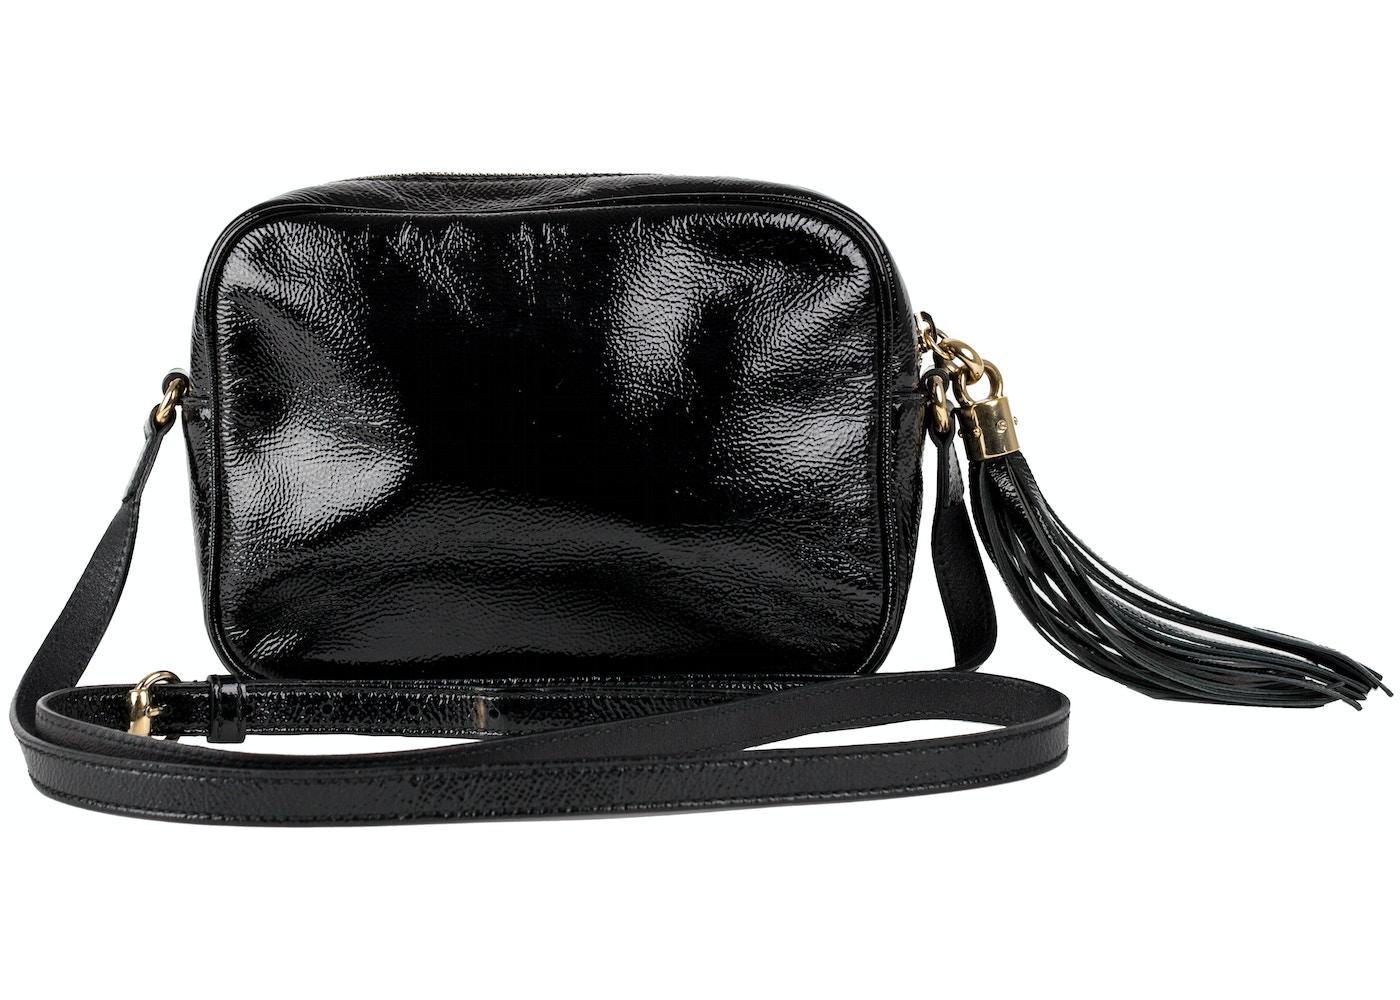 d3d9567d889 Gucci Patent Leather Soho Disco Black